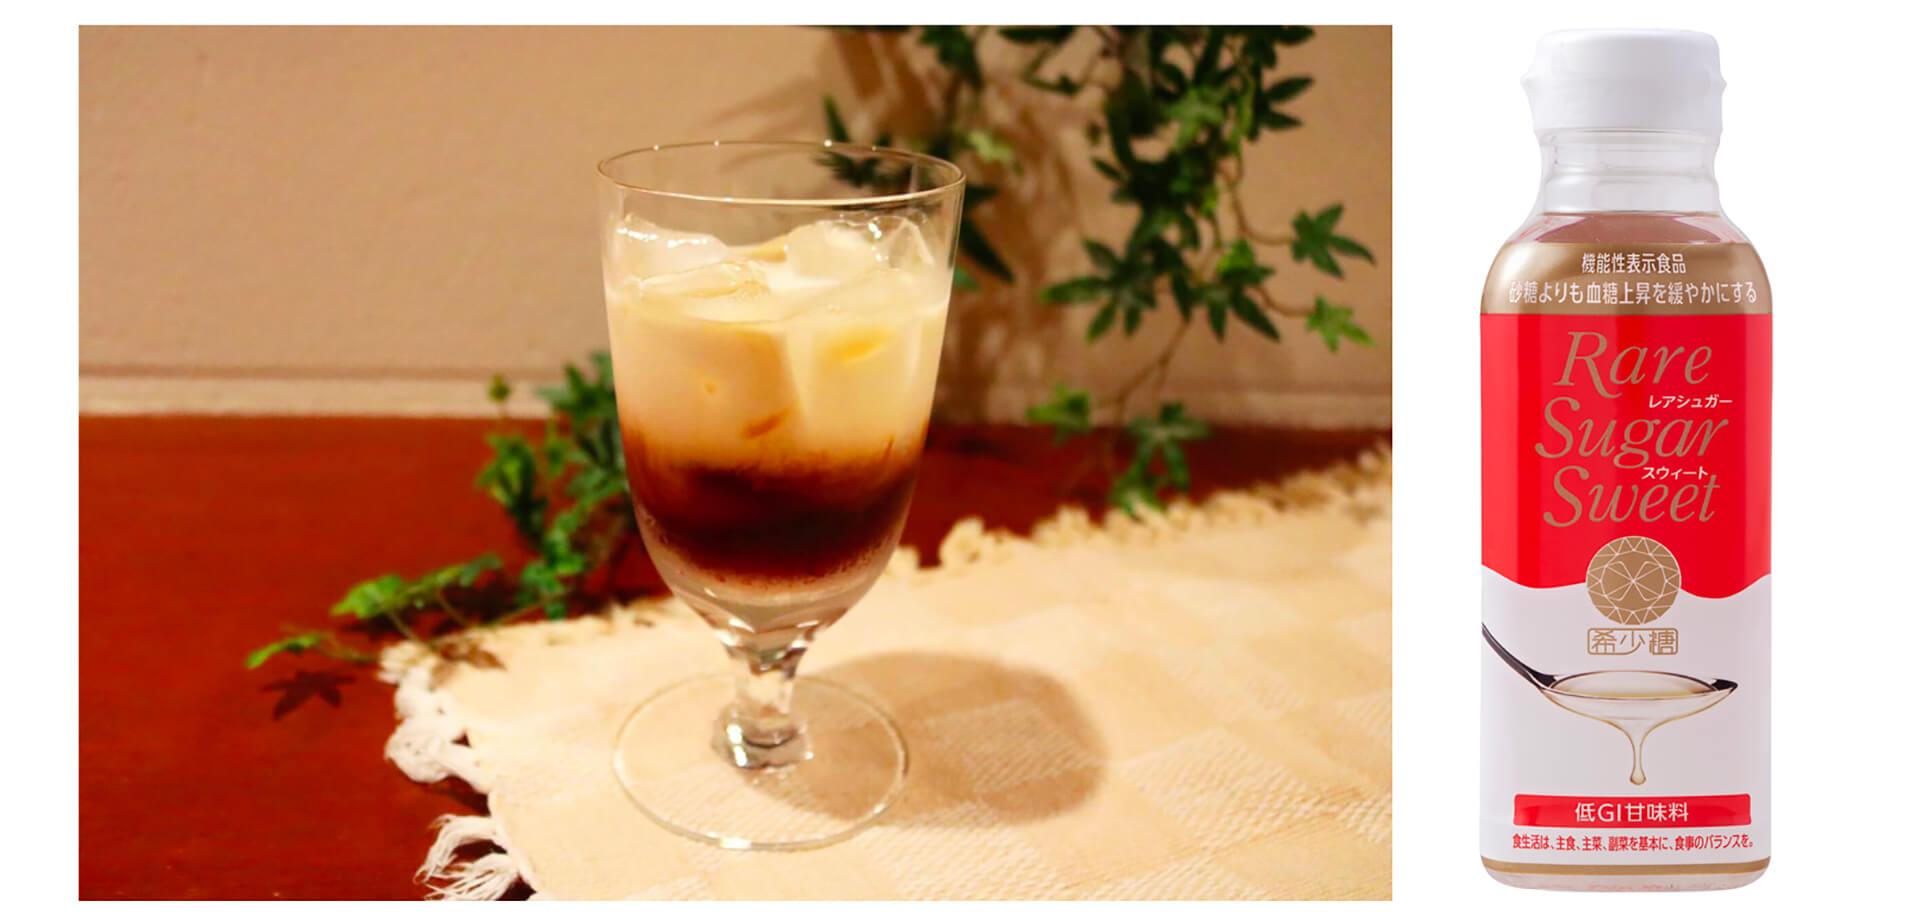 「レアシュガースウィート」で作る/カフェ風ドリンクレシピ